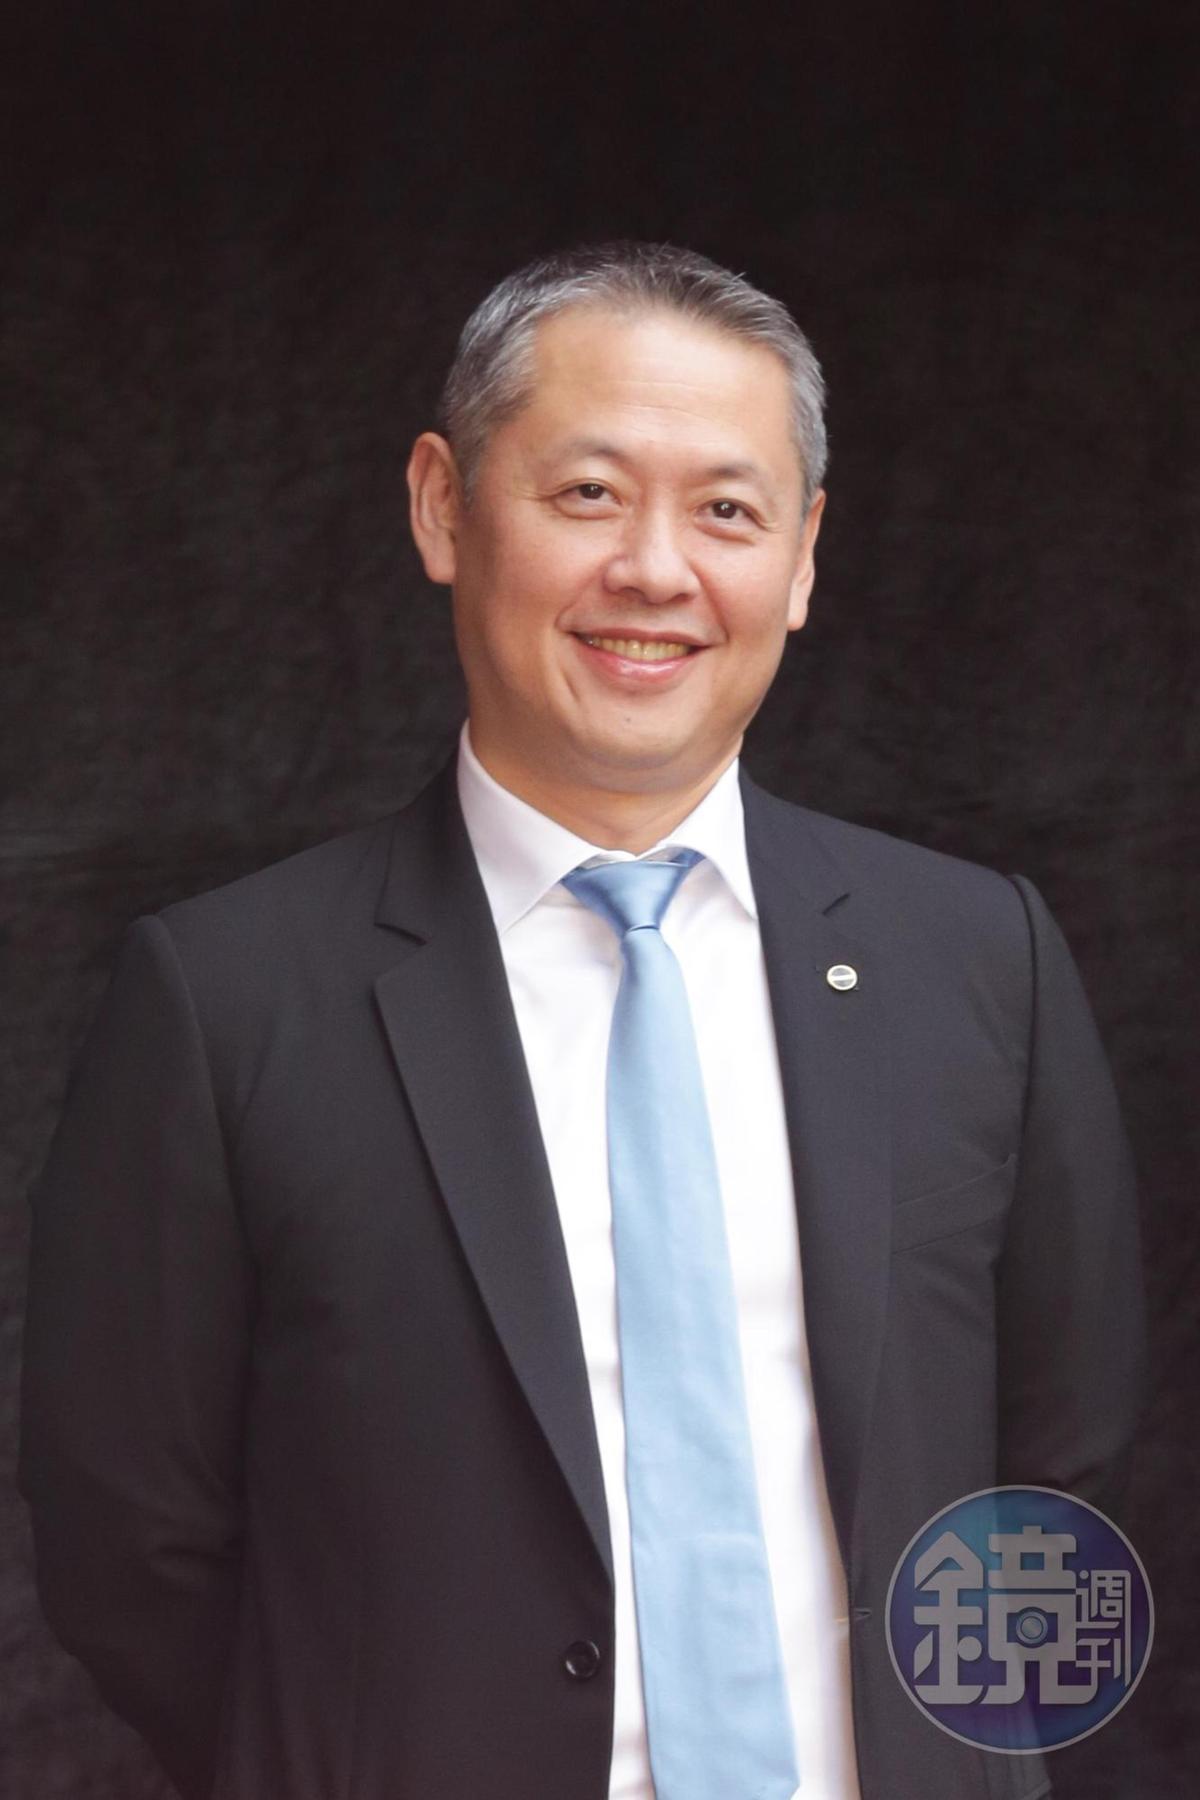 廖鎮漢已經展店第10家微風廣場,再度為自己征服不可能的任務。